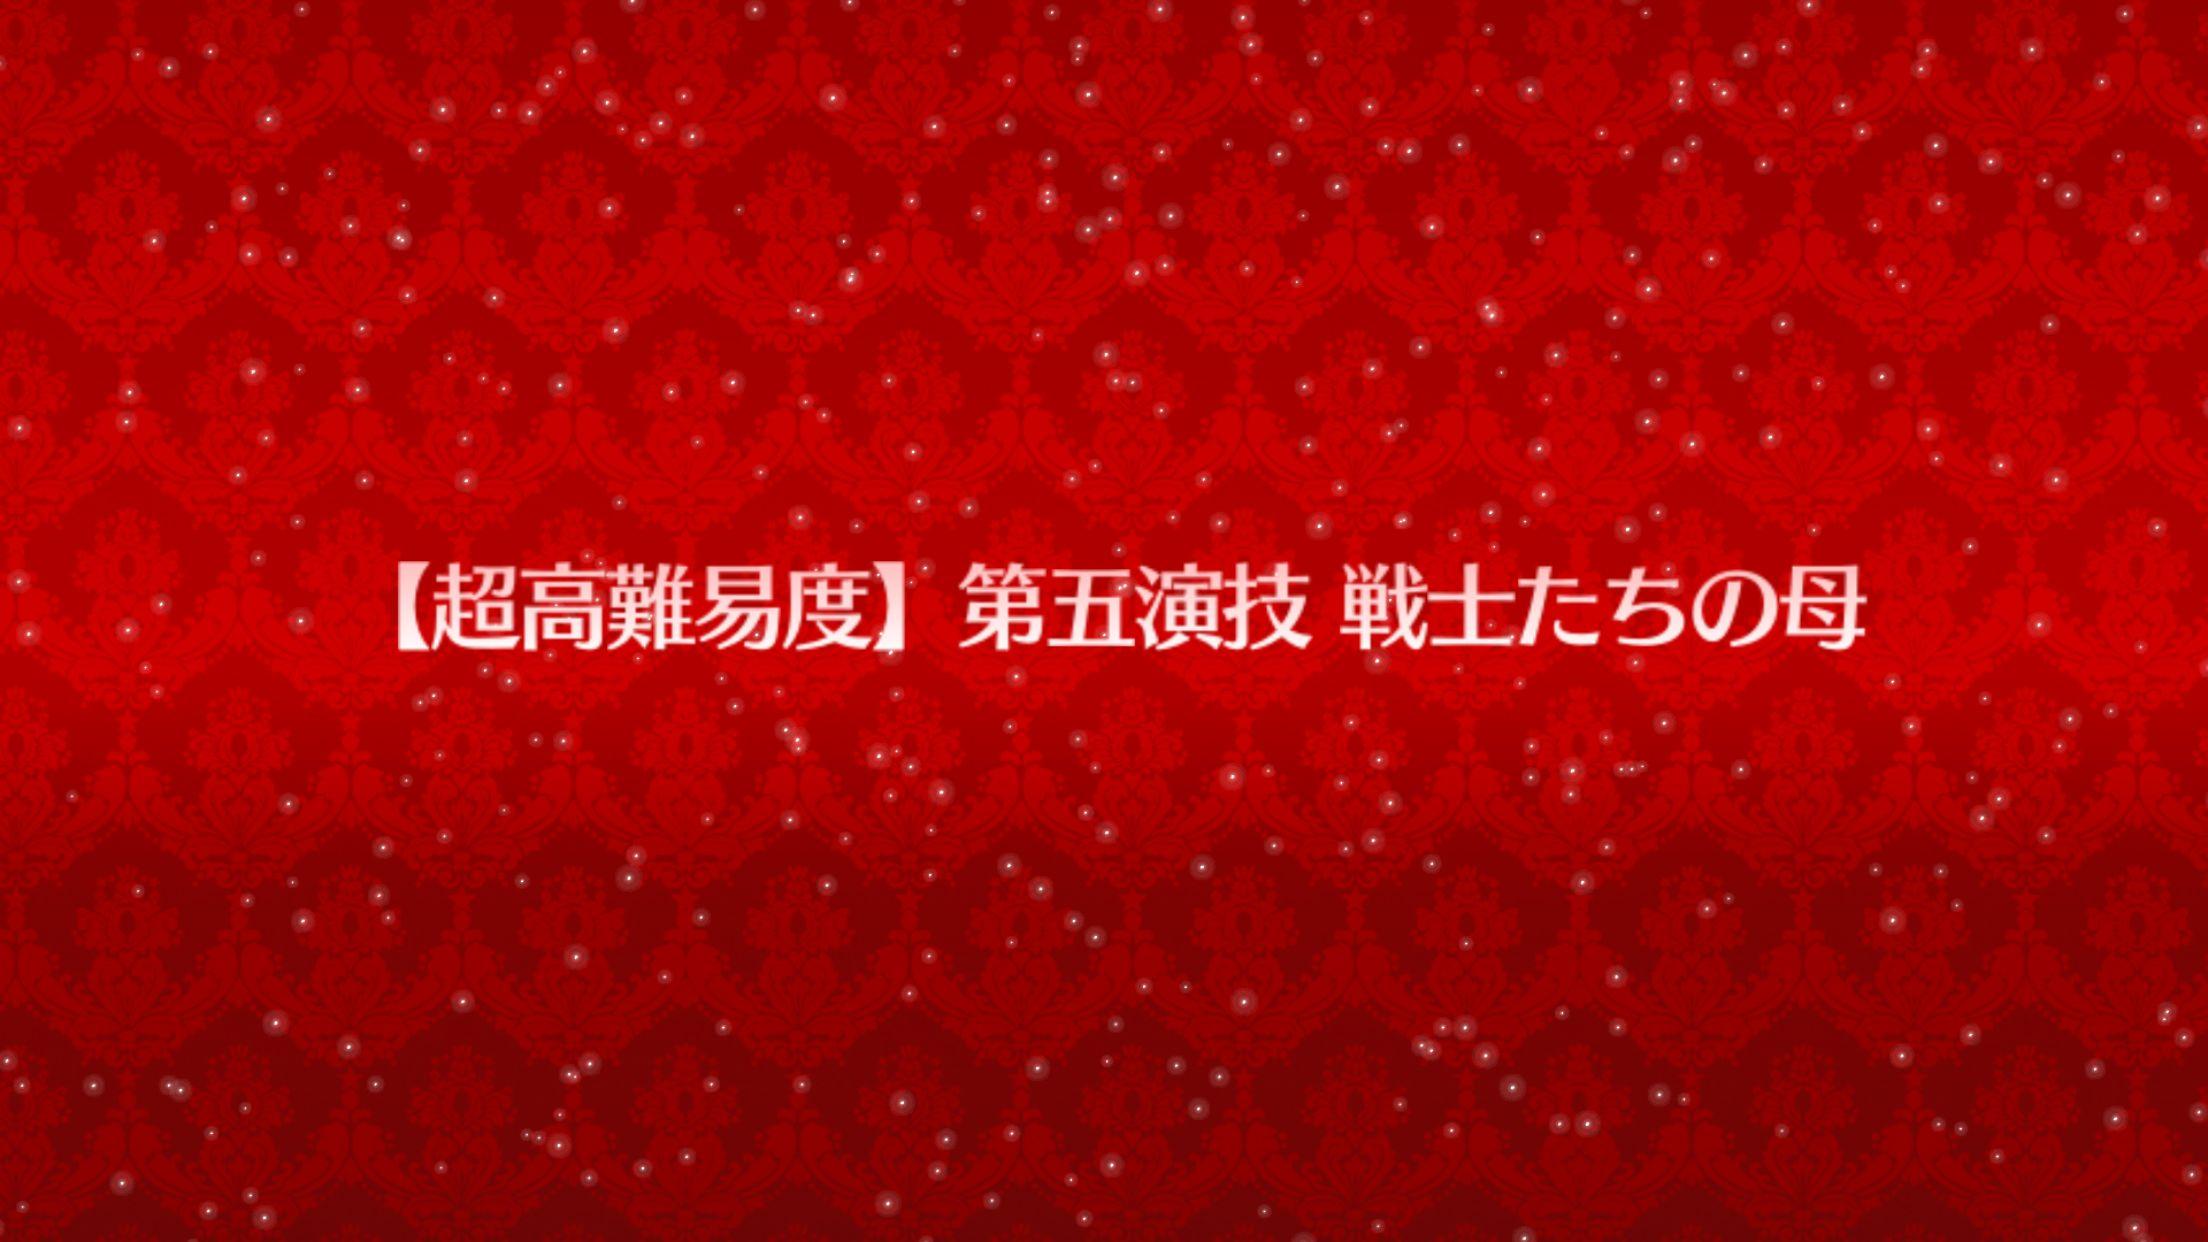 【FGO】ネロ祭り エキシビションクエスト 第五演技 戦士たちの母 暗殺攻略